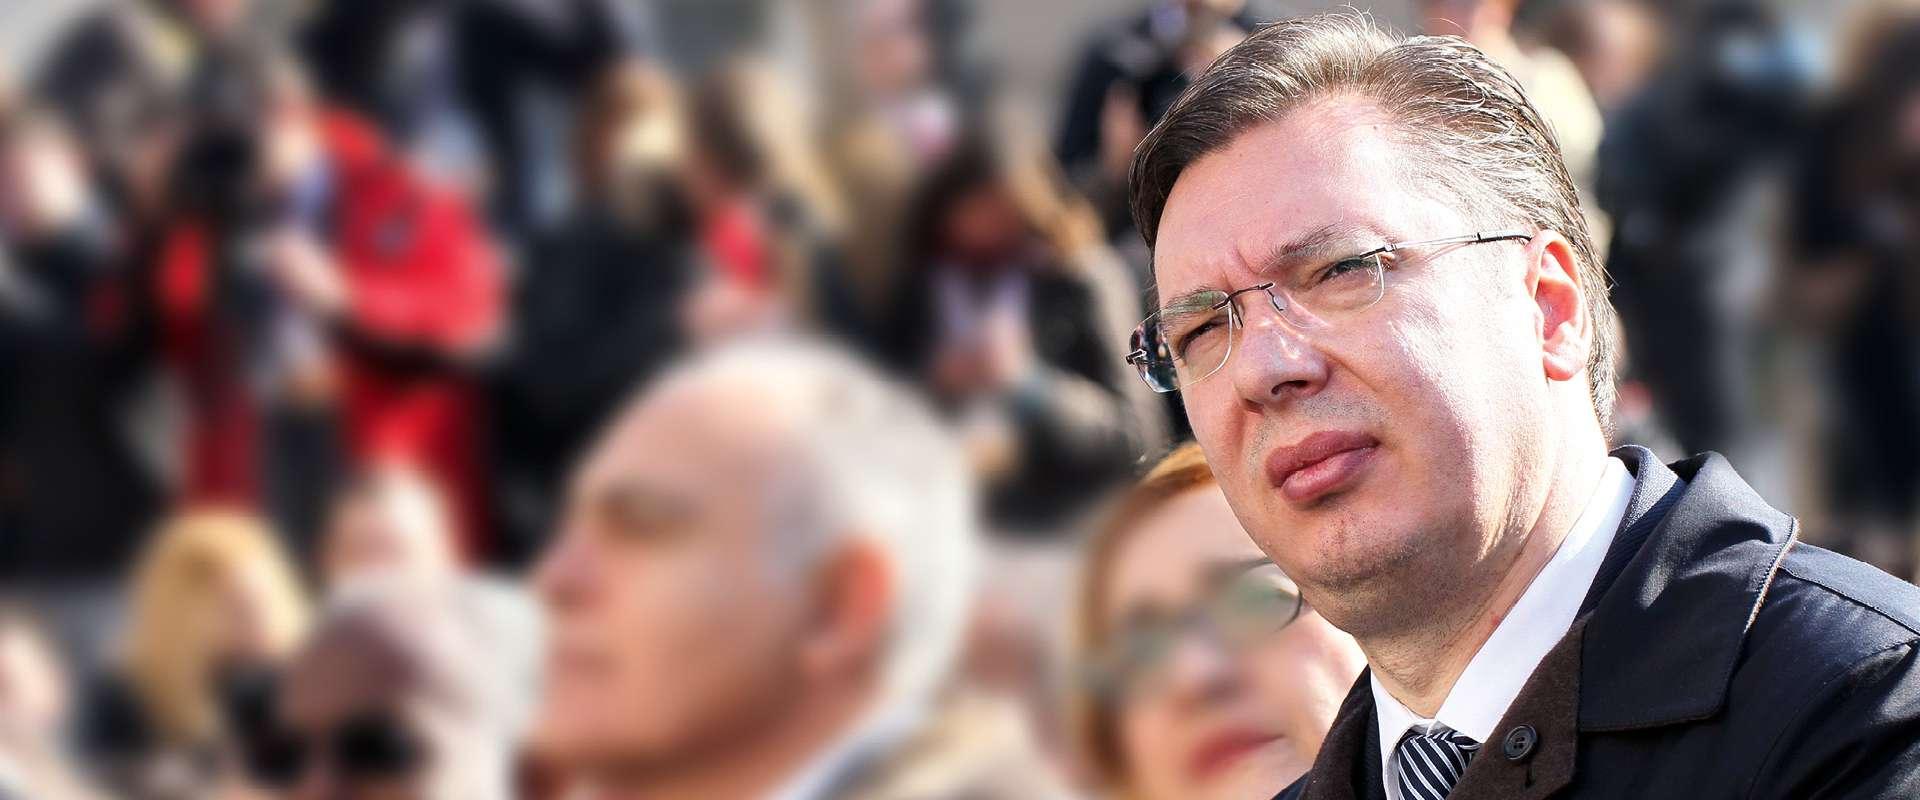 INTERVJU: Slaviša Lekić: 'Vučić je opasniji od Miloševića iako još ne ubija'